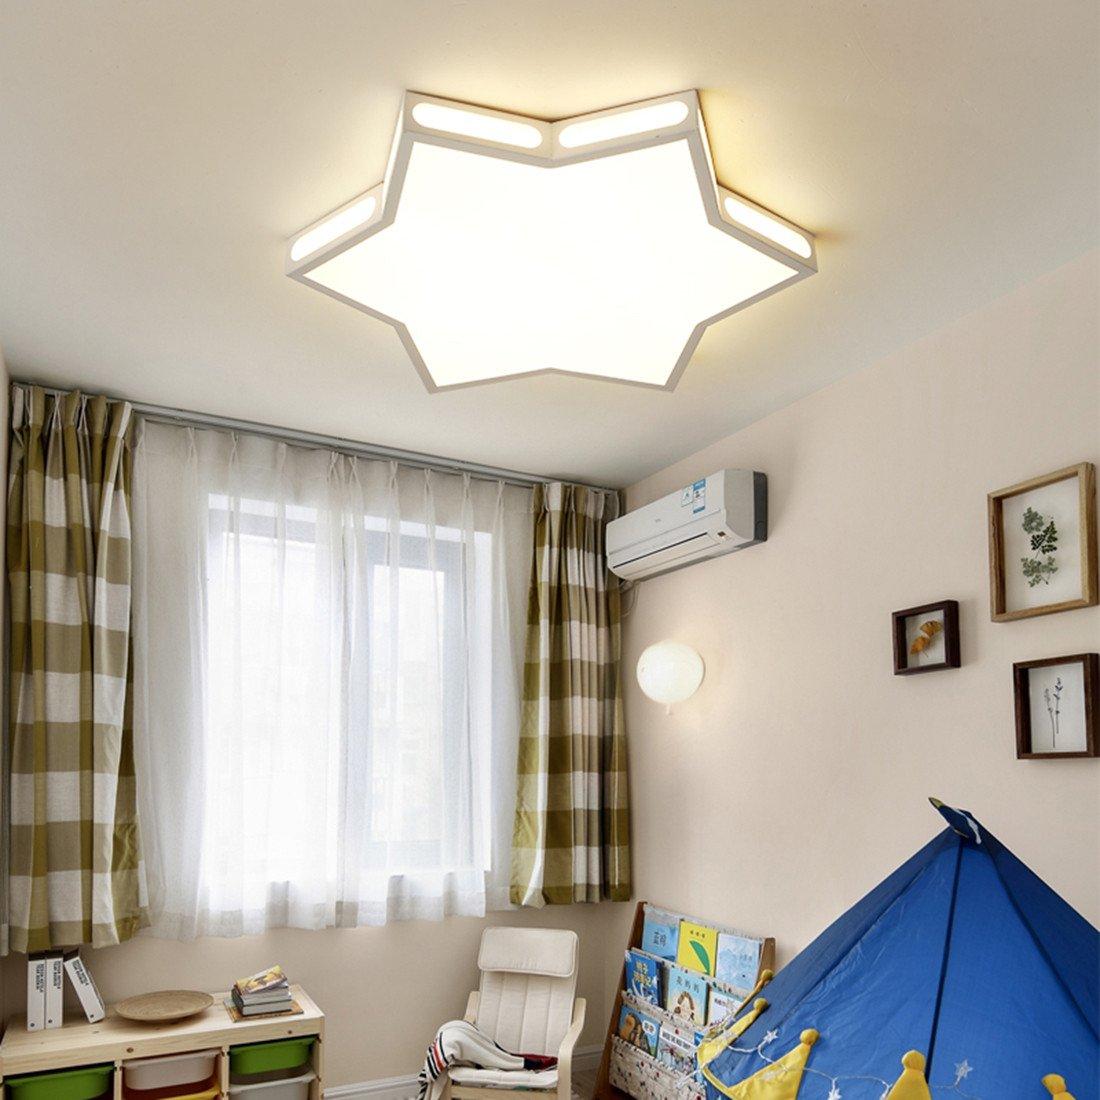 Full Size of Wohnzimmer Lampen Skandinavisch Wohnzimmer Lampen Selber Bauen Wohnzimmer Lampen Modern Elegante Wohnzimmer Lampen Wohnzimmer Wohnzimmer Lampen